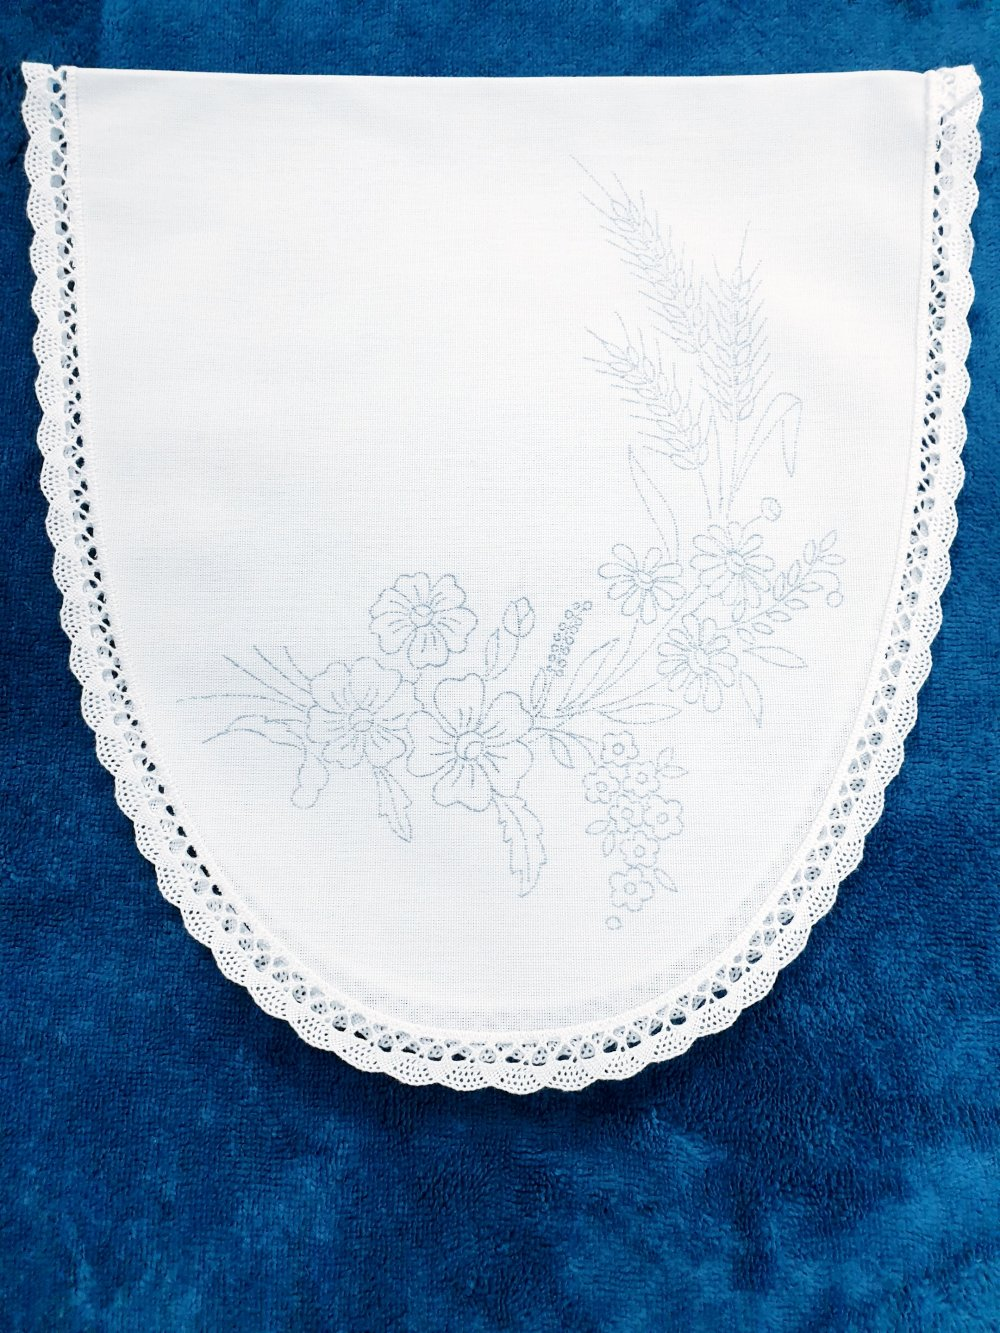 napperon à broder ovale- fleurs-bouquets- broderie- point de tige. napperons.